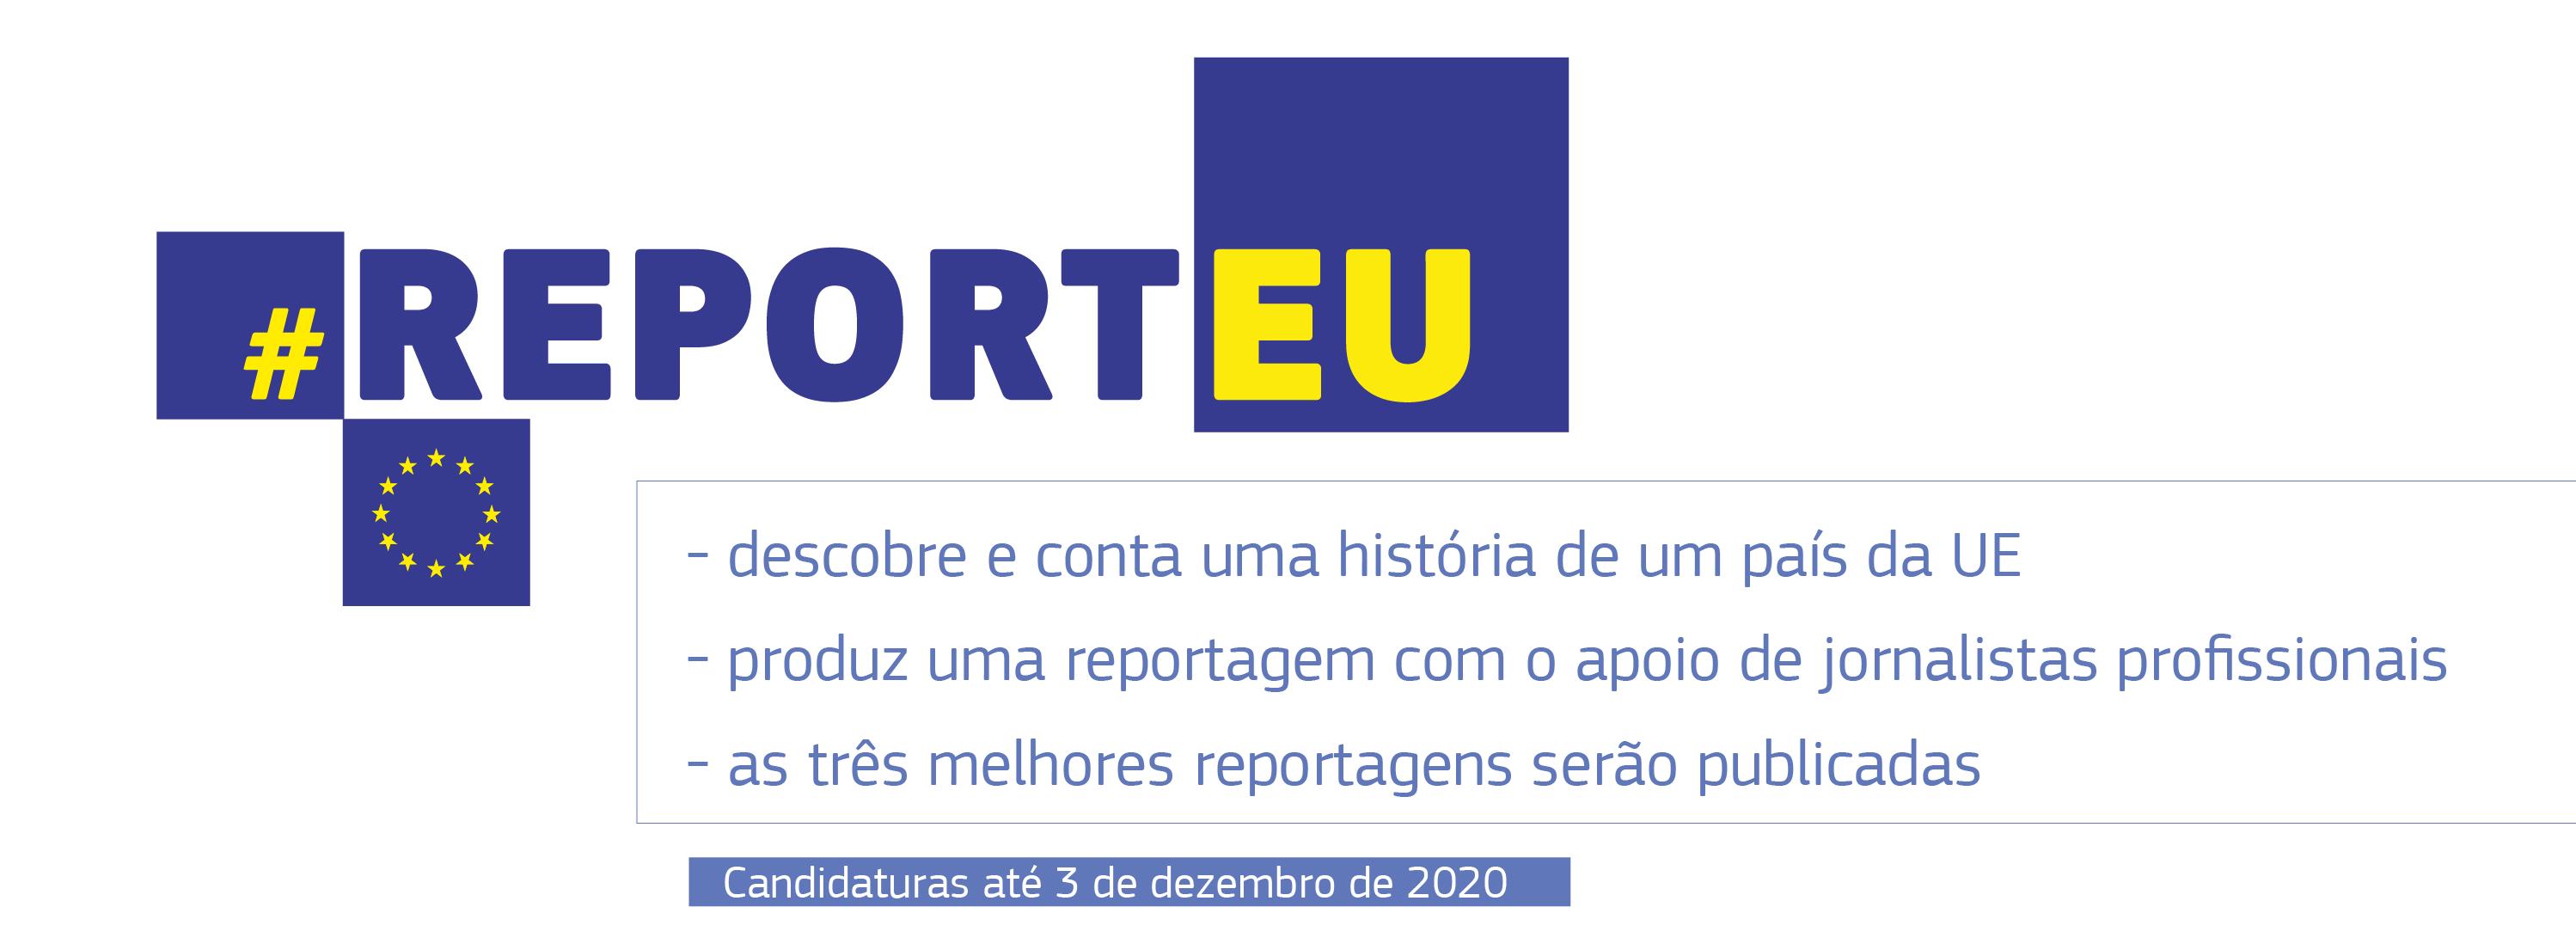 ReportEU - descobre uma história de um país da UE